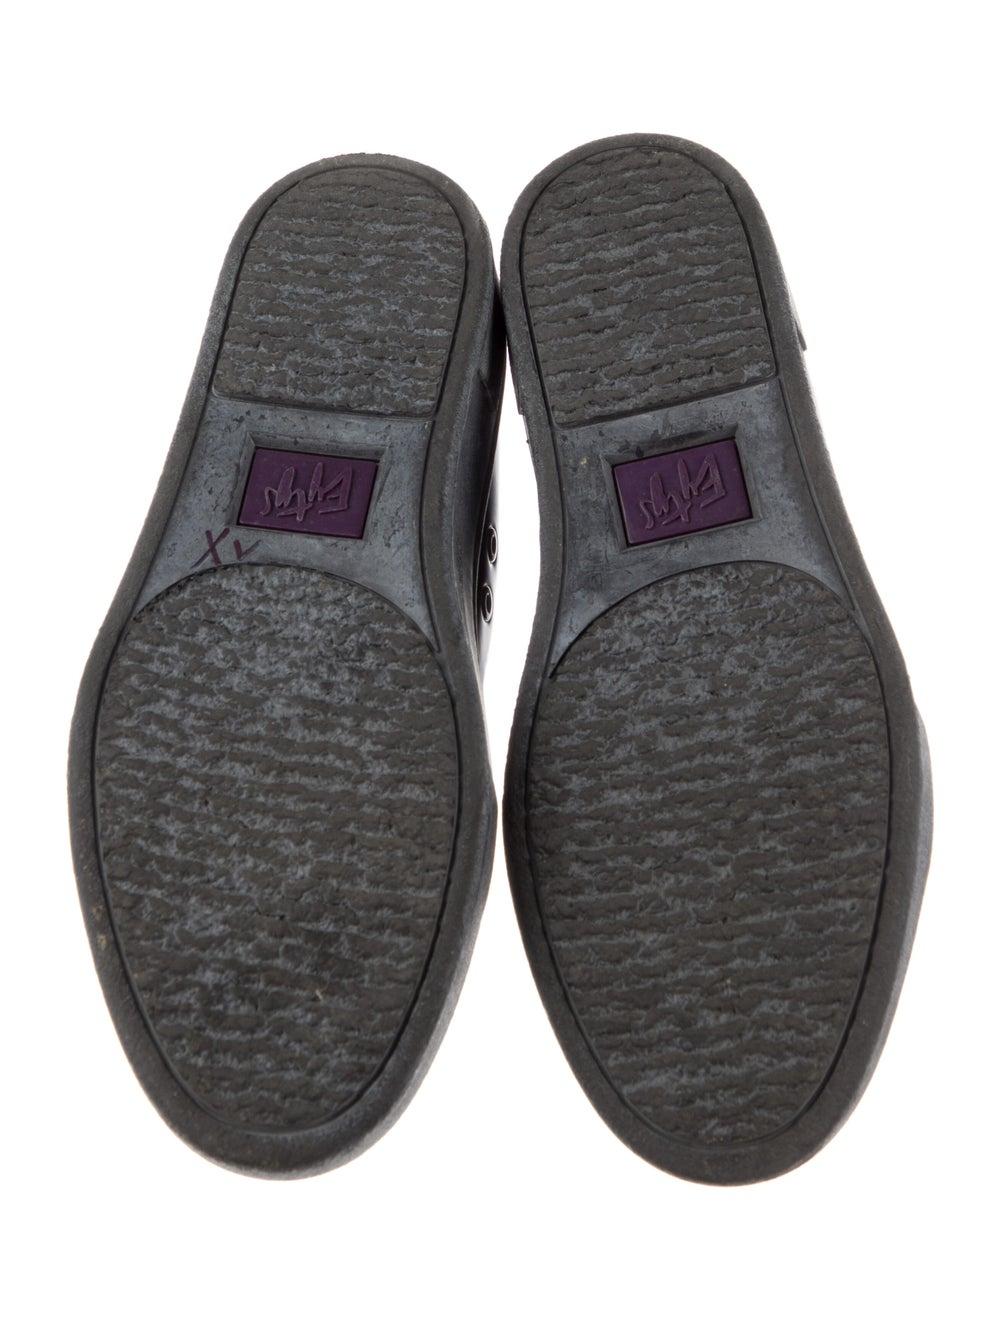 Eytys Kibo Sneakers Black - image 4